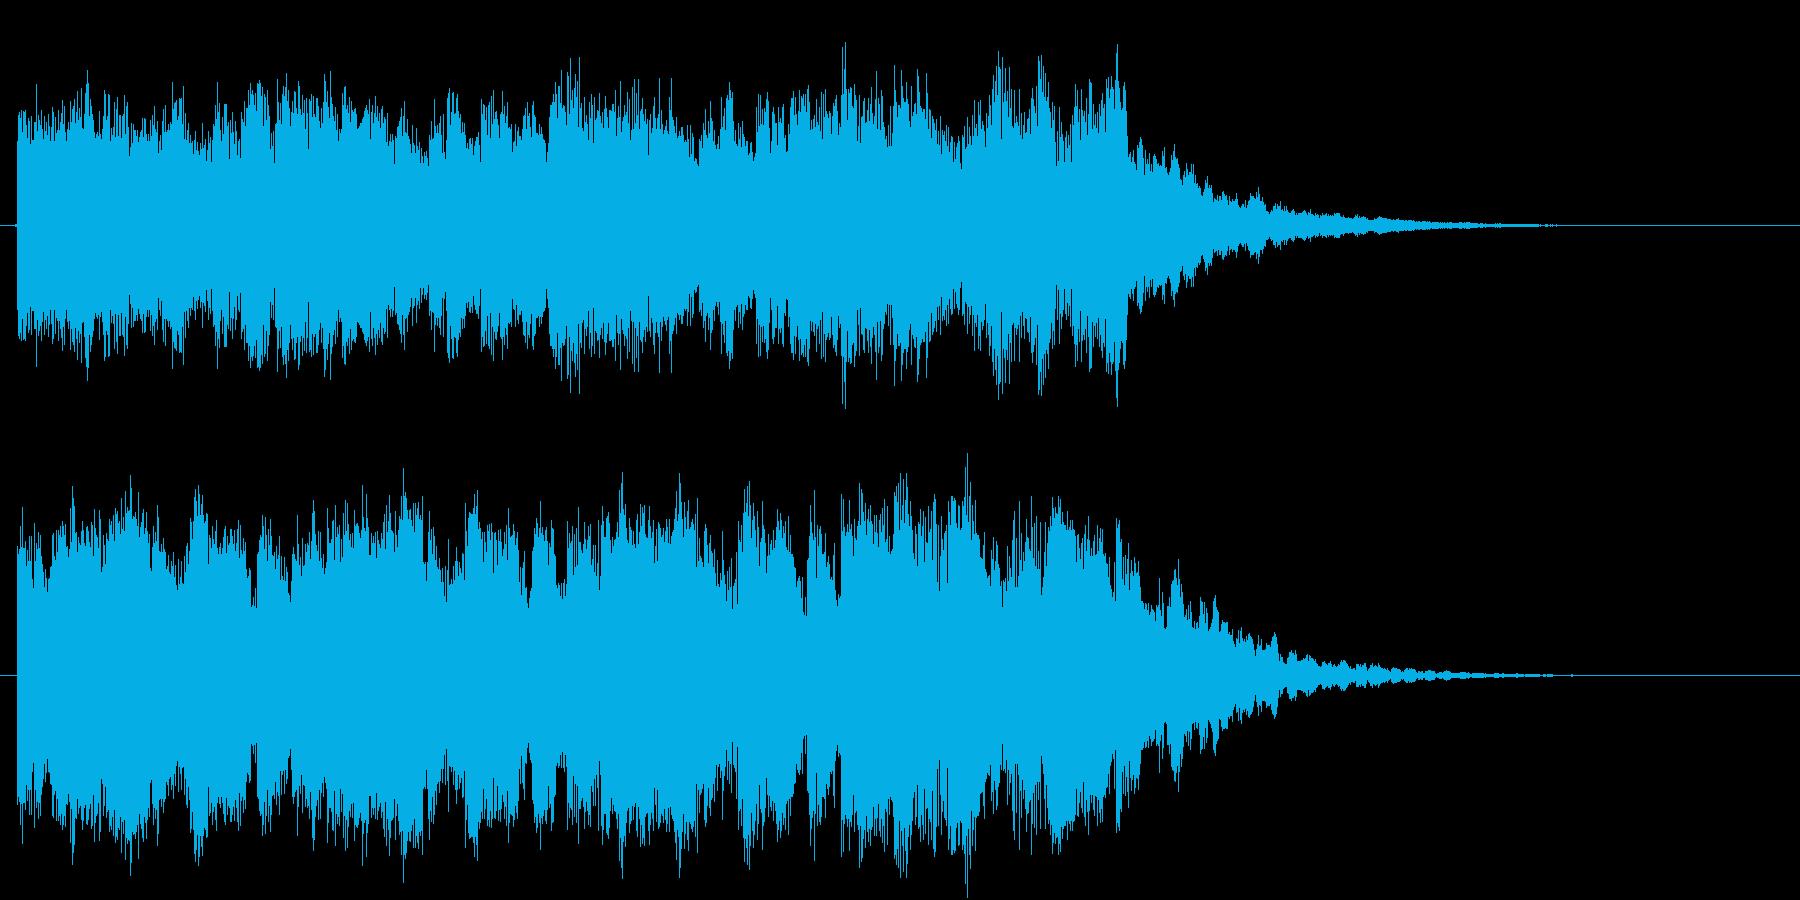 疾走感のある幻想的・未来的なロゴの再生済みの波形